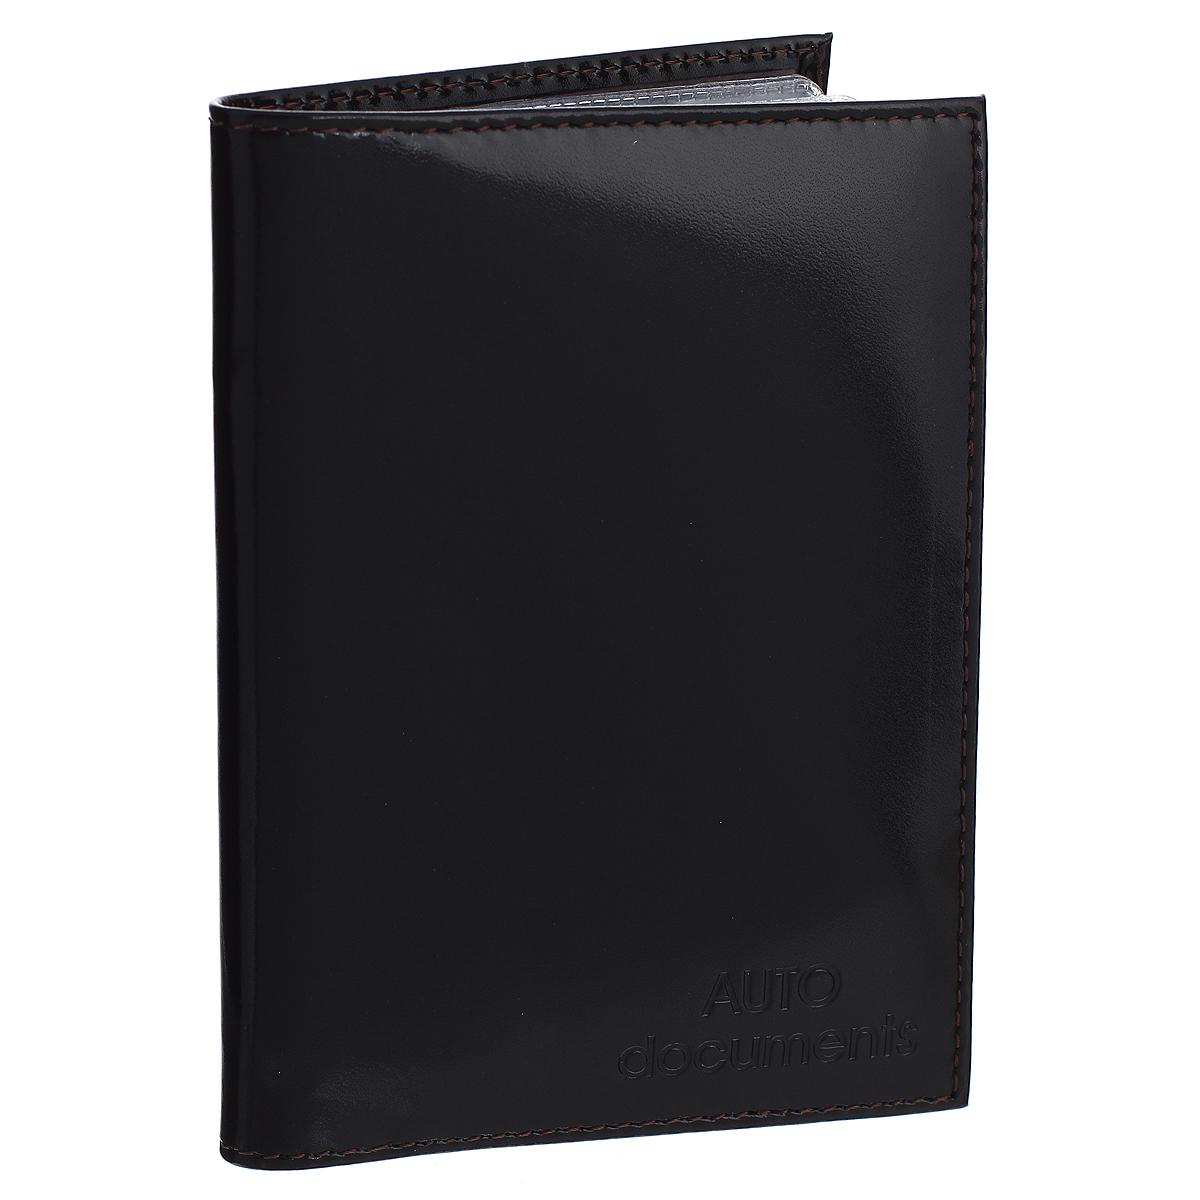 Бумажник водителя Befler Classic, цвет: черный. BV.20.-1BV.20.-1.blackБумажник водителя Befler Classic выполнен из натуральной гладкой кожи. На внутреннем развороте имеет один глубокий вертикальный карман из кожи и 4 прорезных кармашка для кредитных карт и визиток, прозрачный кармашек и внутренний блок для водительских документов из прозрачного пластика (6 карманов). Такой бумажник станет отличным подарком для человека, ценящего качественные и необычные вещи.